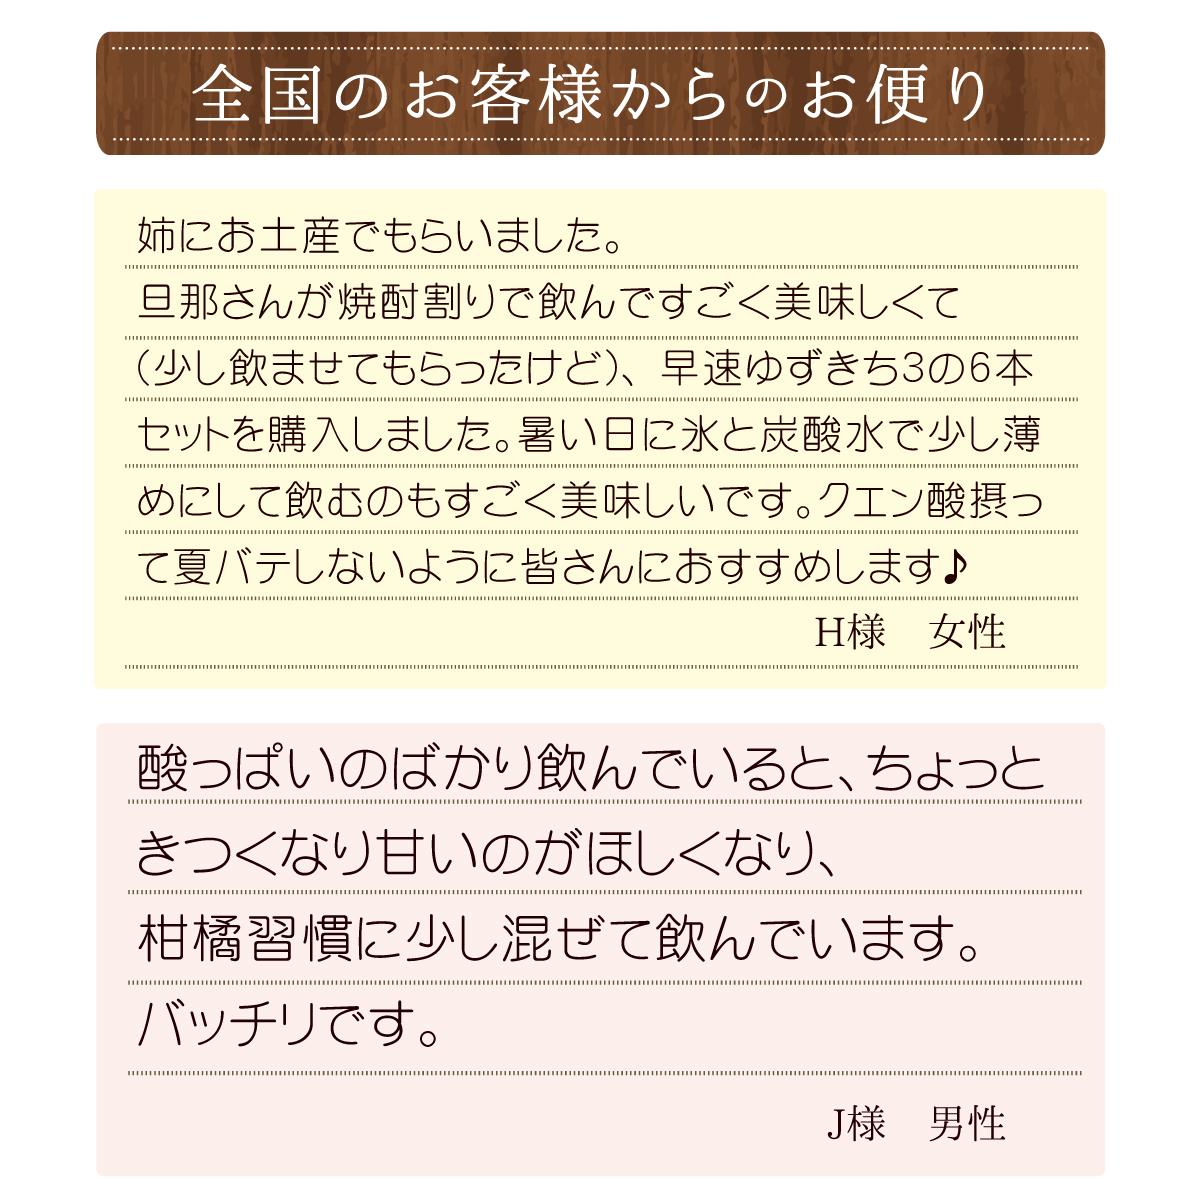 ゆずきち3は3倍希釈ジュース/アレンジもお楽しみいただけます。